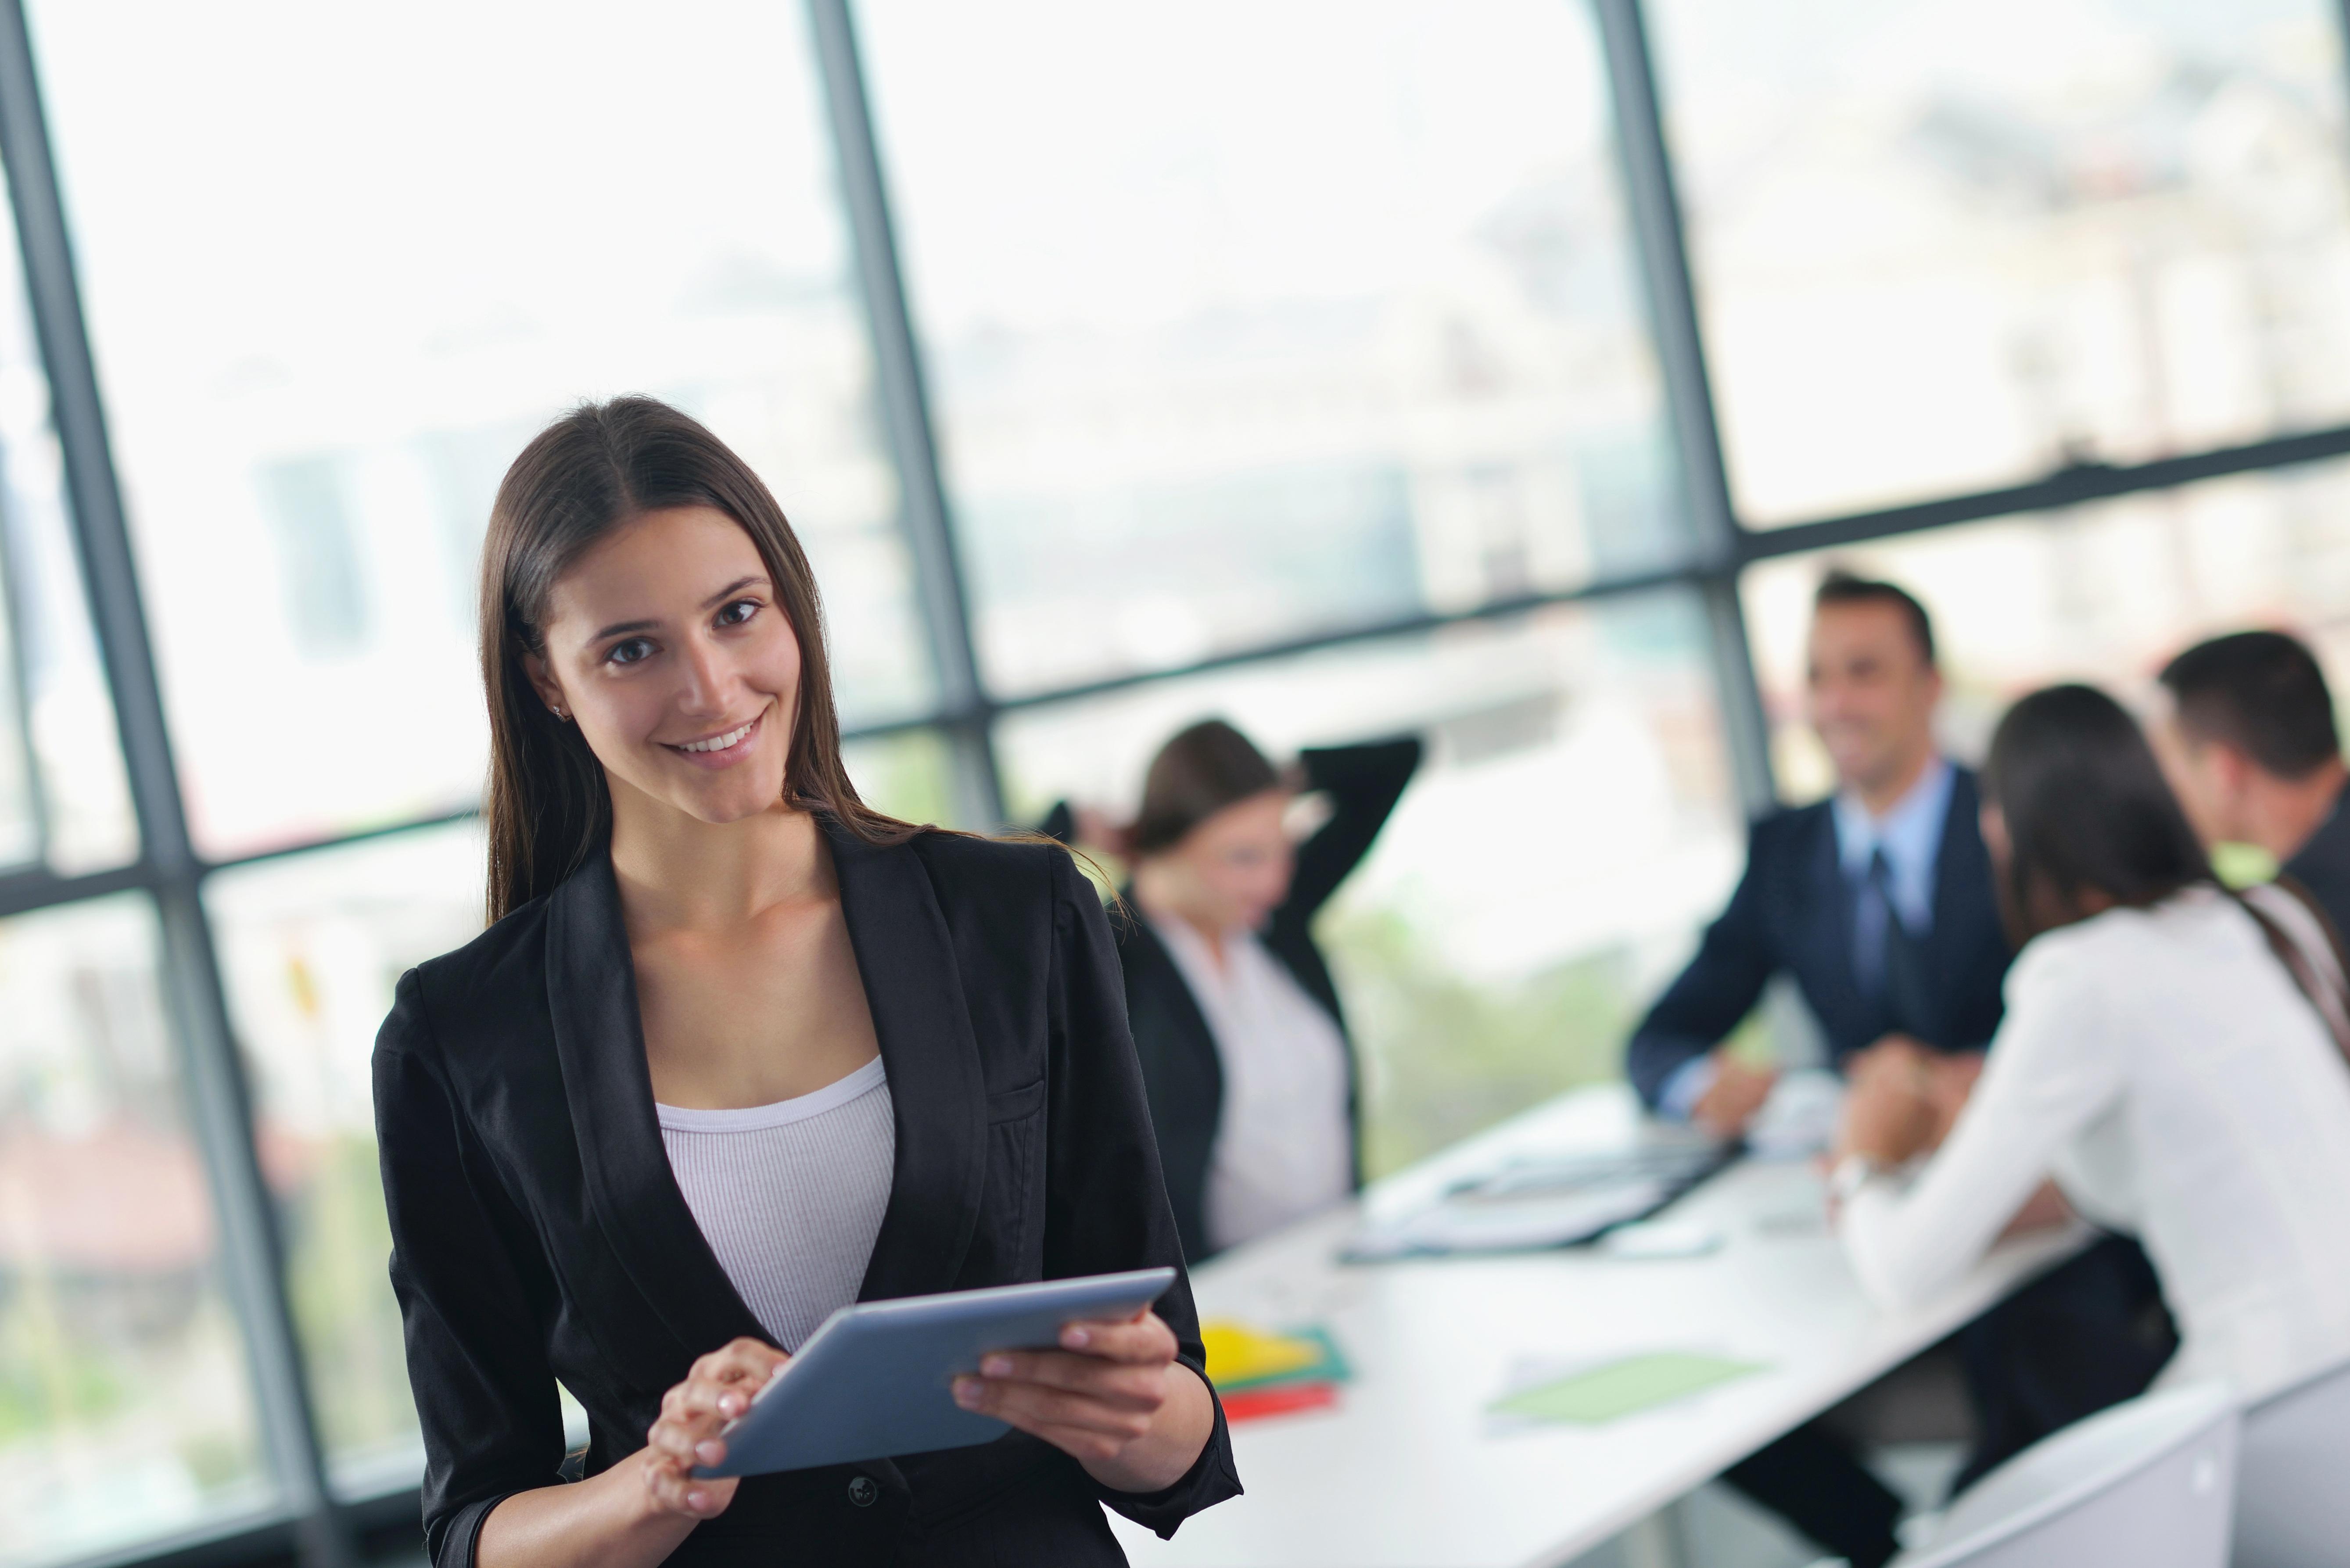 Продажа страхового полиса, консультационная поддержка клиента